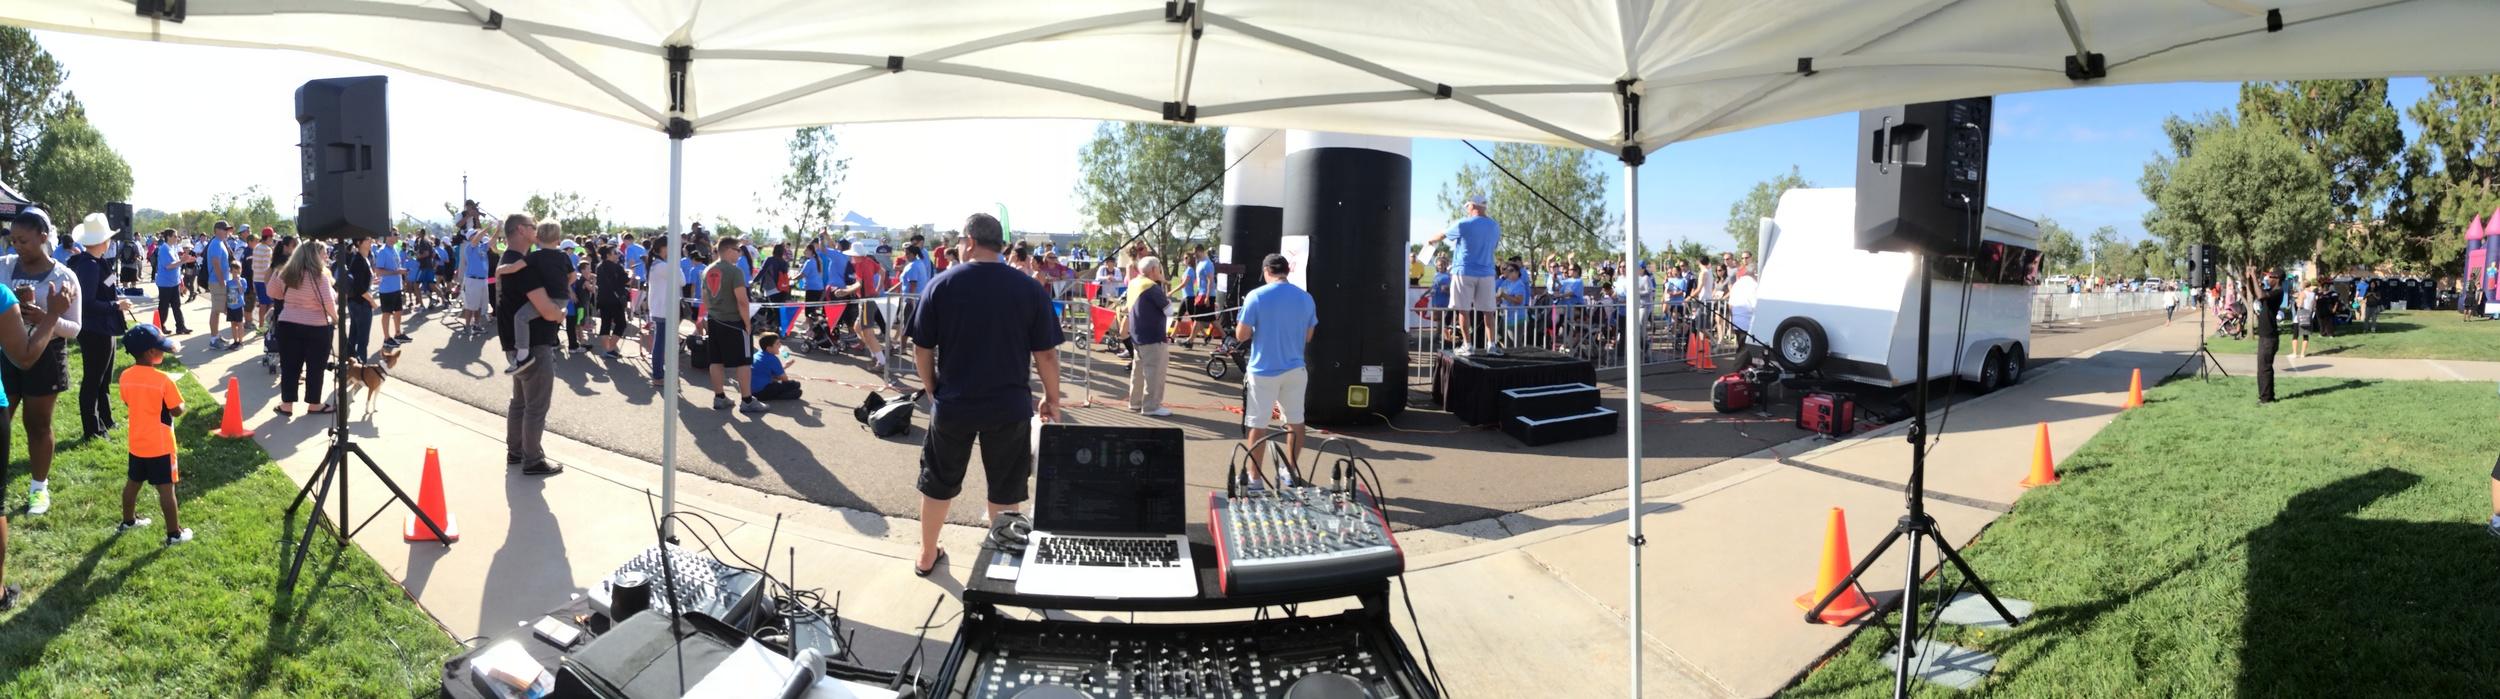 LT5k Charity Run, NTC Promenade, San Diego DJ